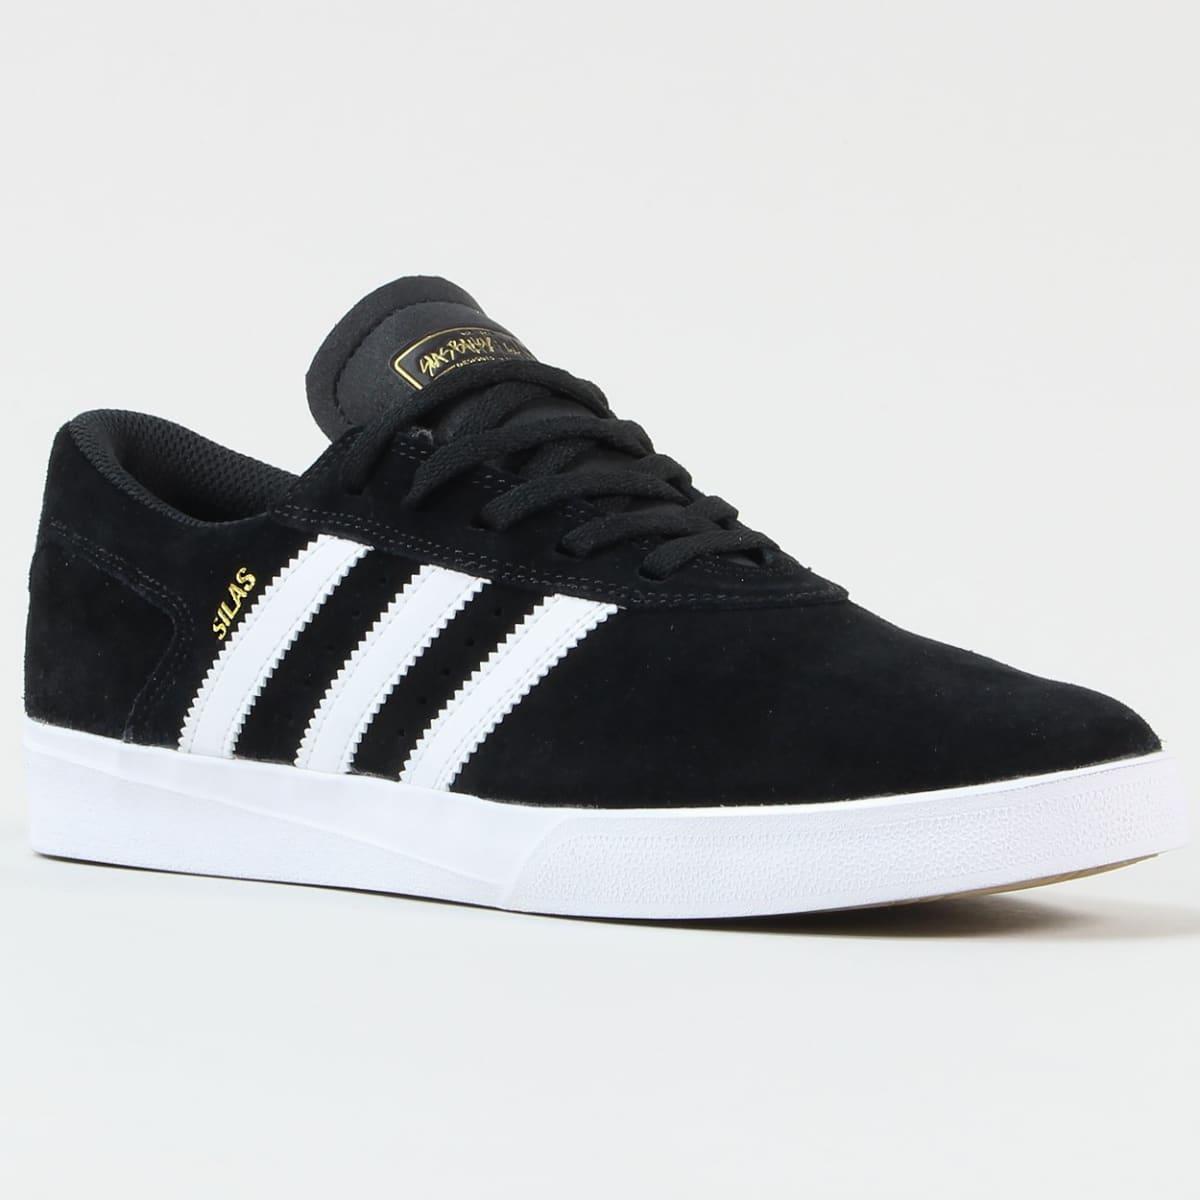 25% Off - adidas Skateboarding Silas Vulc ADV Shoes - Black / White